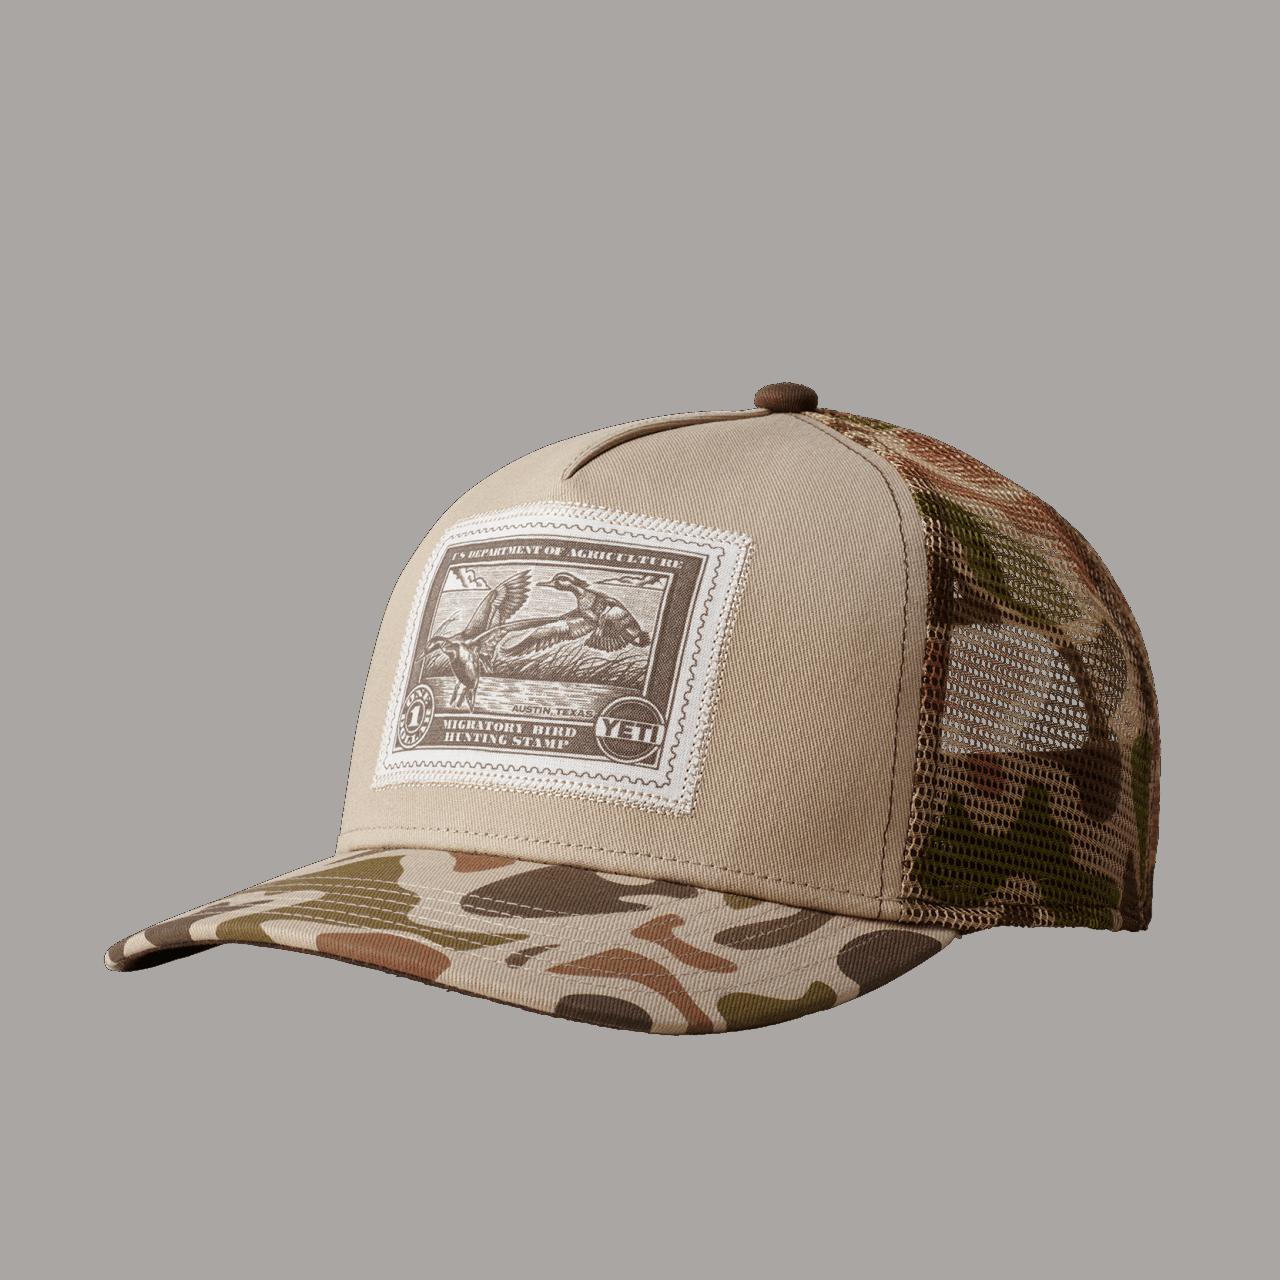 YETI Duck Stamp Trucker Hat - taupe/camo